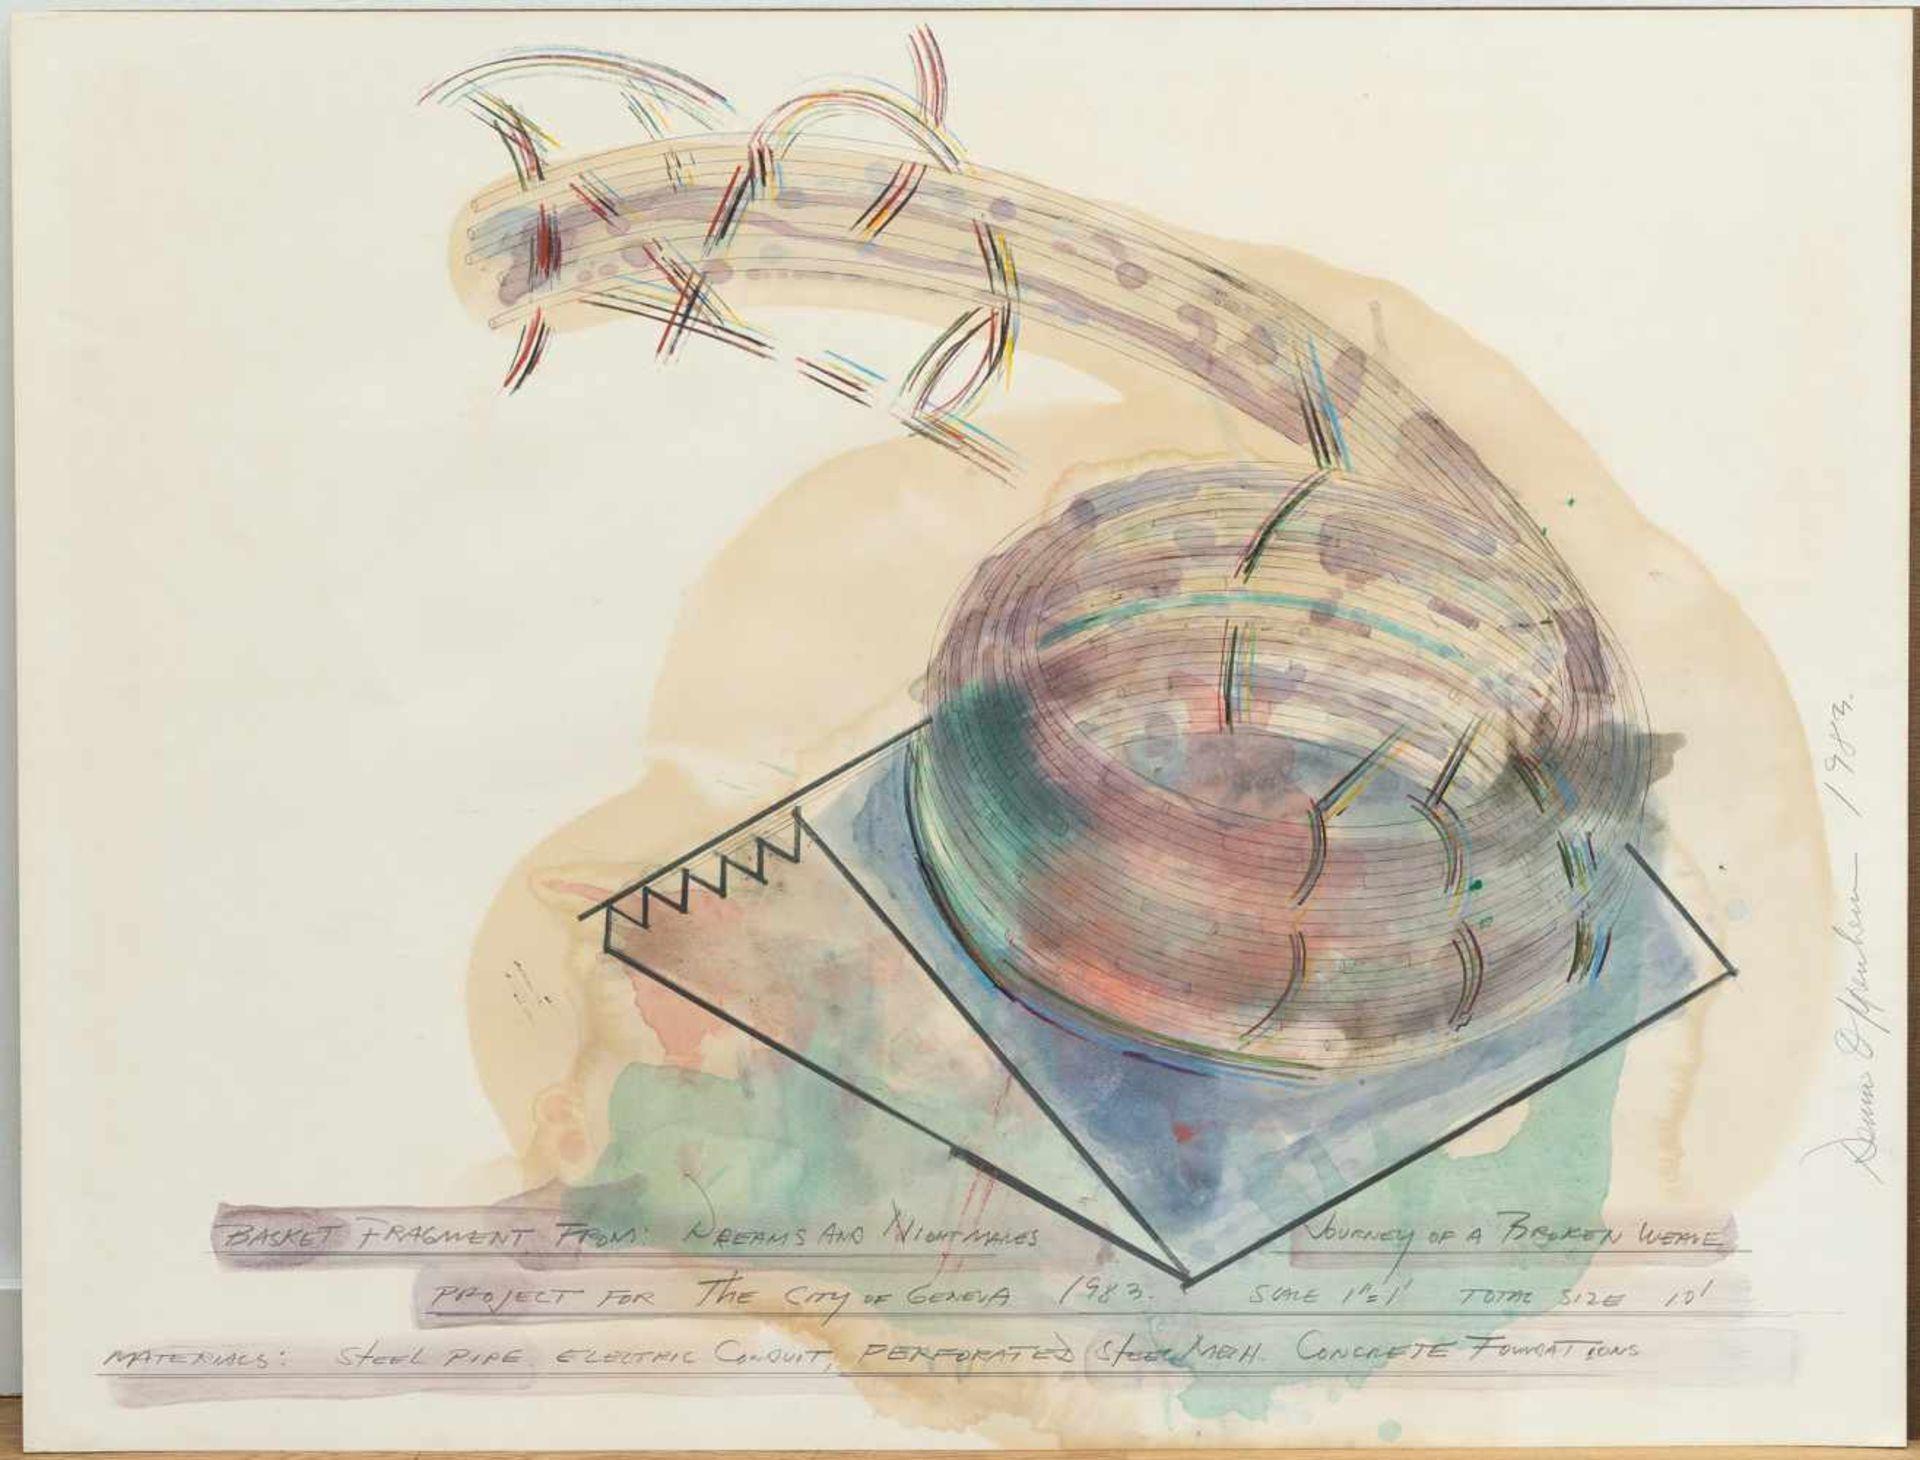 Dennis Oppenheim - Bild 2 aus 3